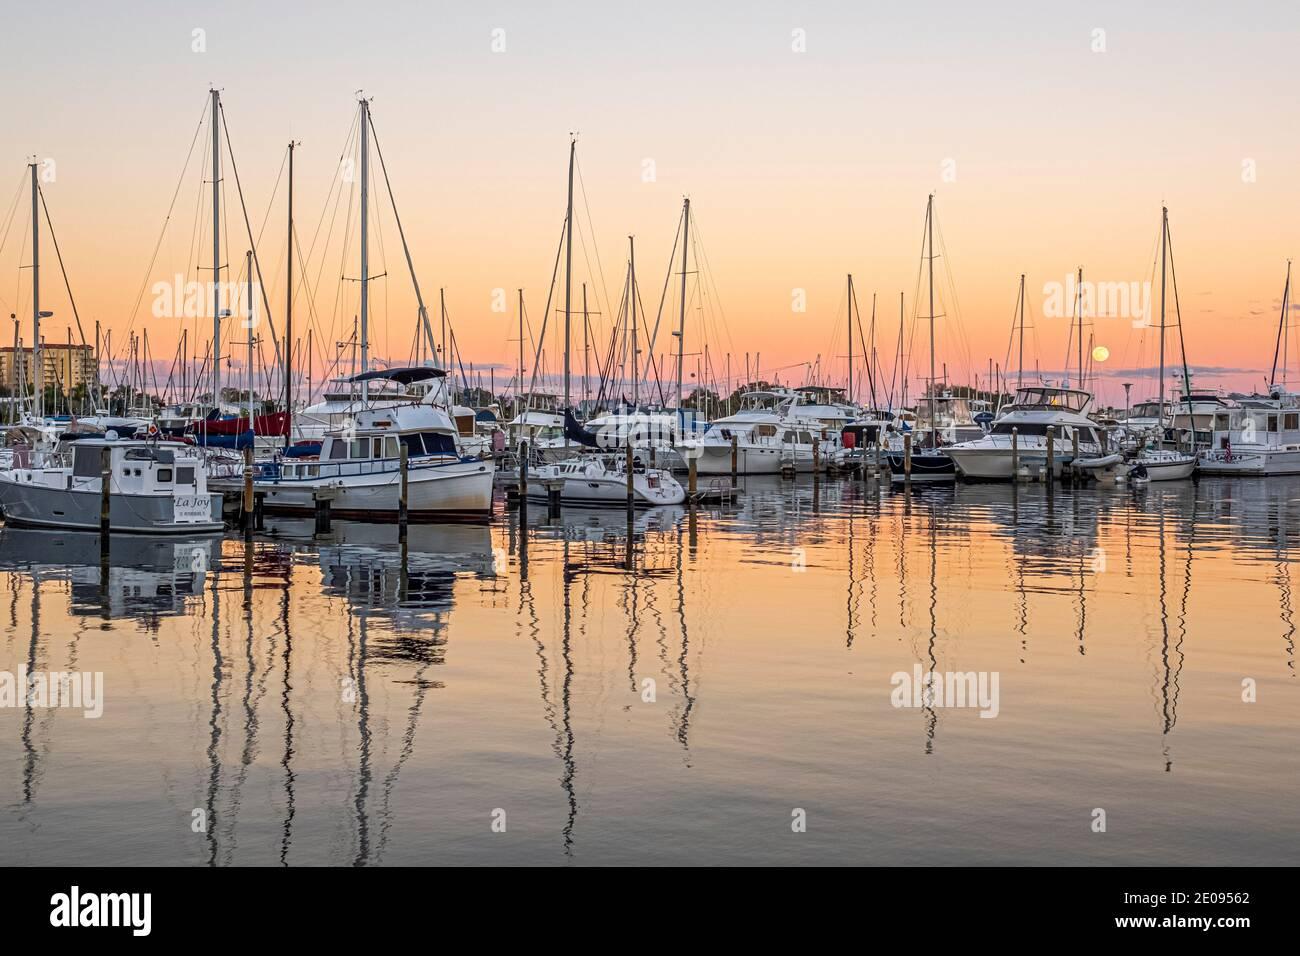 Marina - St Petersburg, Florida Stock Photo